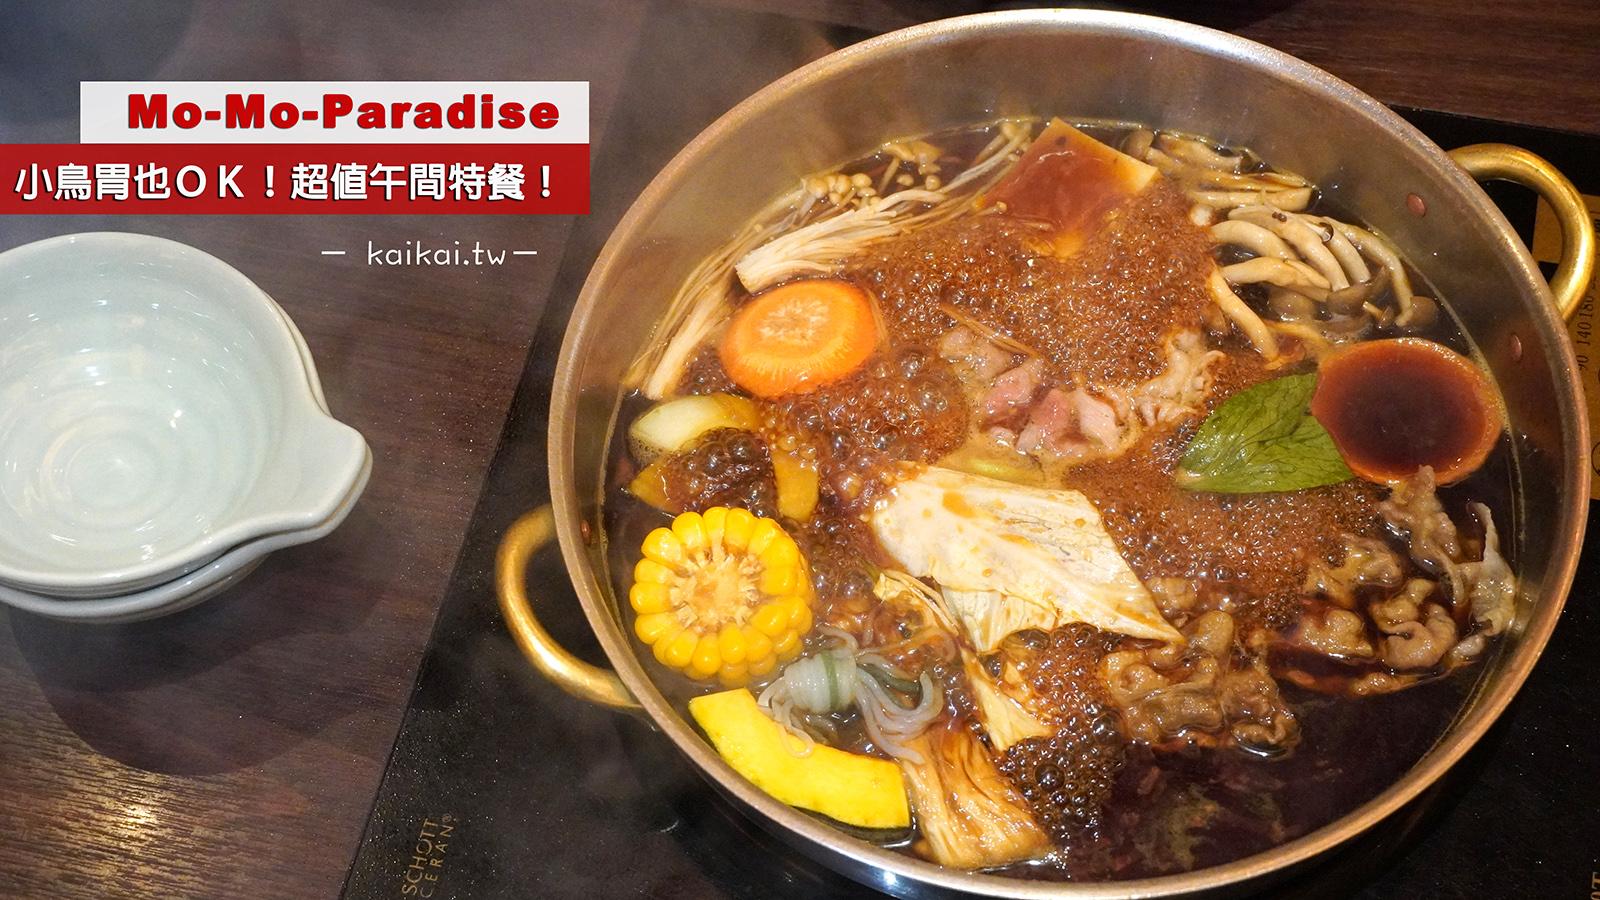 網站近期文章:☆【新北|先嗇宮站】小鳥胃的一人壽喜燒。Mo Mo Paradise超值商業午餐